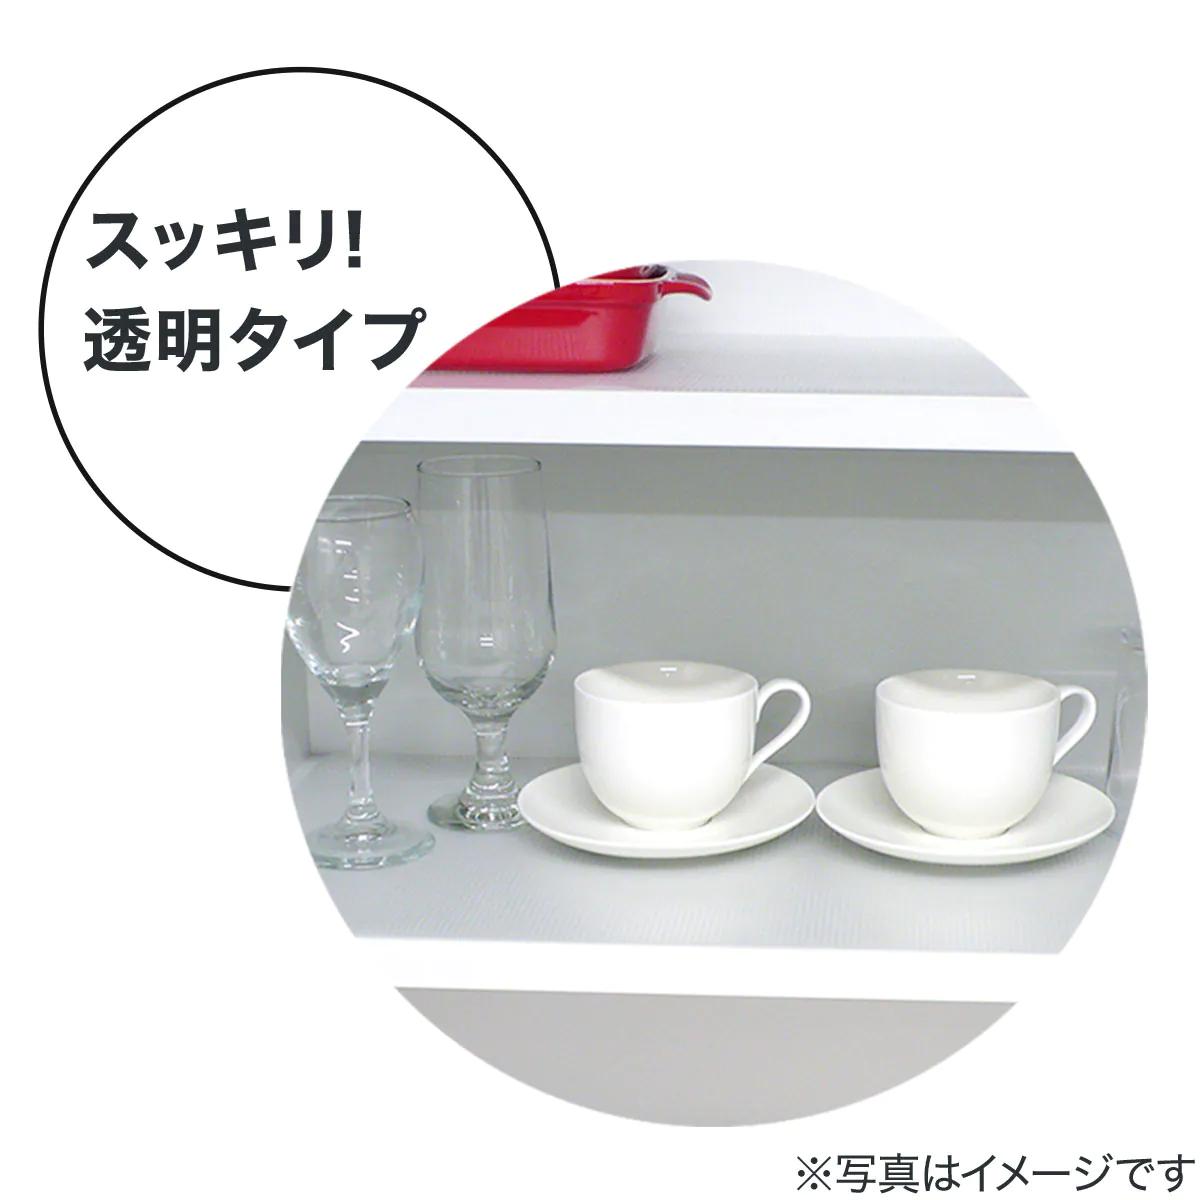 NITORI(ニトリ) システムキッチン用防虫シートの商品画像2